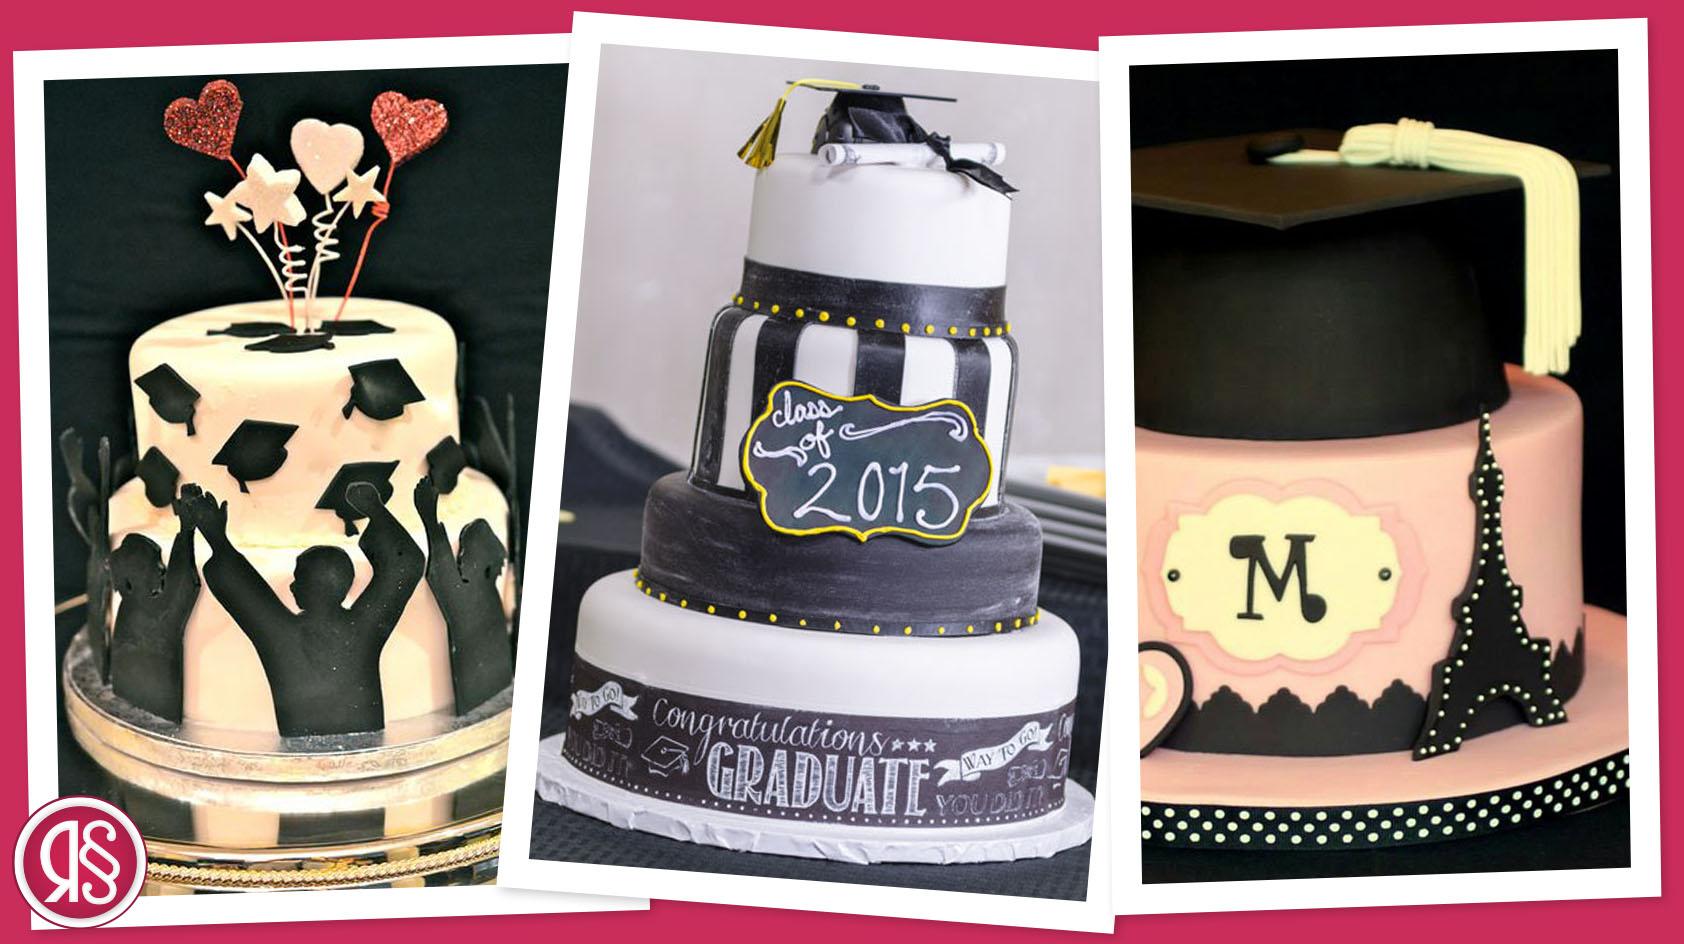 La torta per la festa di laurea